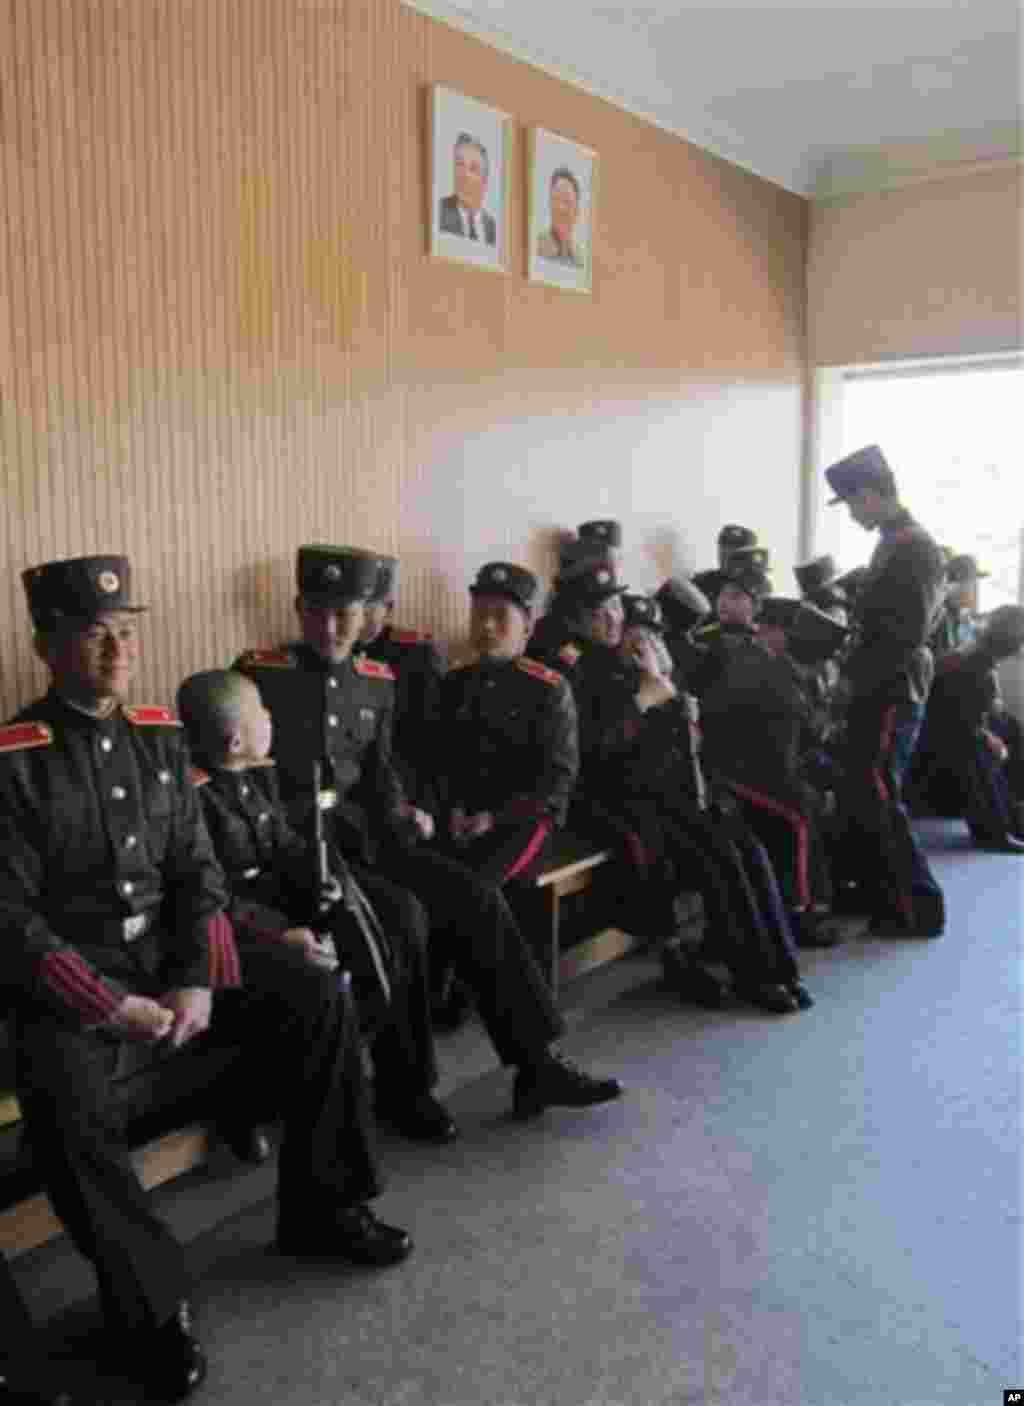 지난 18일 평양 만경대혁명학원 학생들이 김일성 김정일 부자의 초상화 아래 앉아있다.